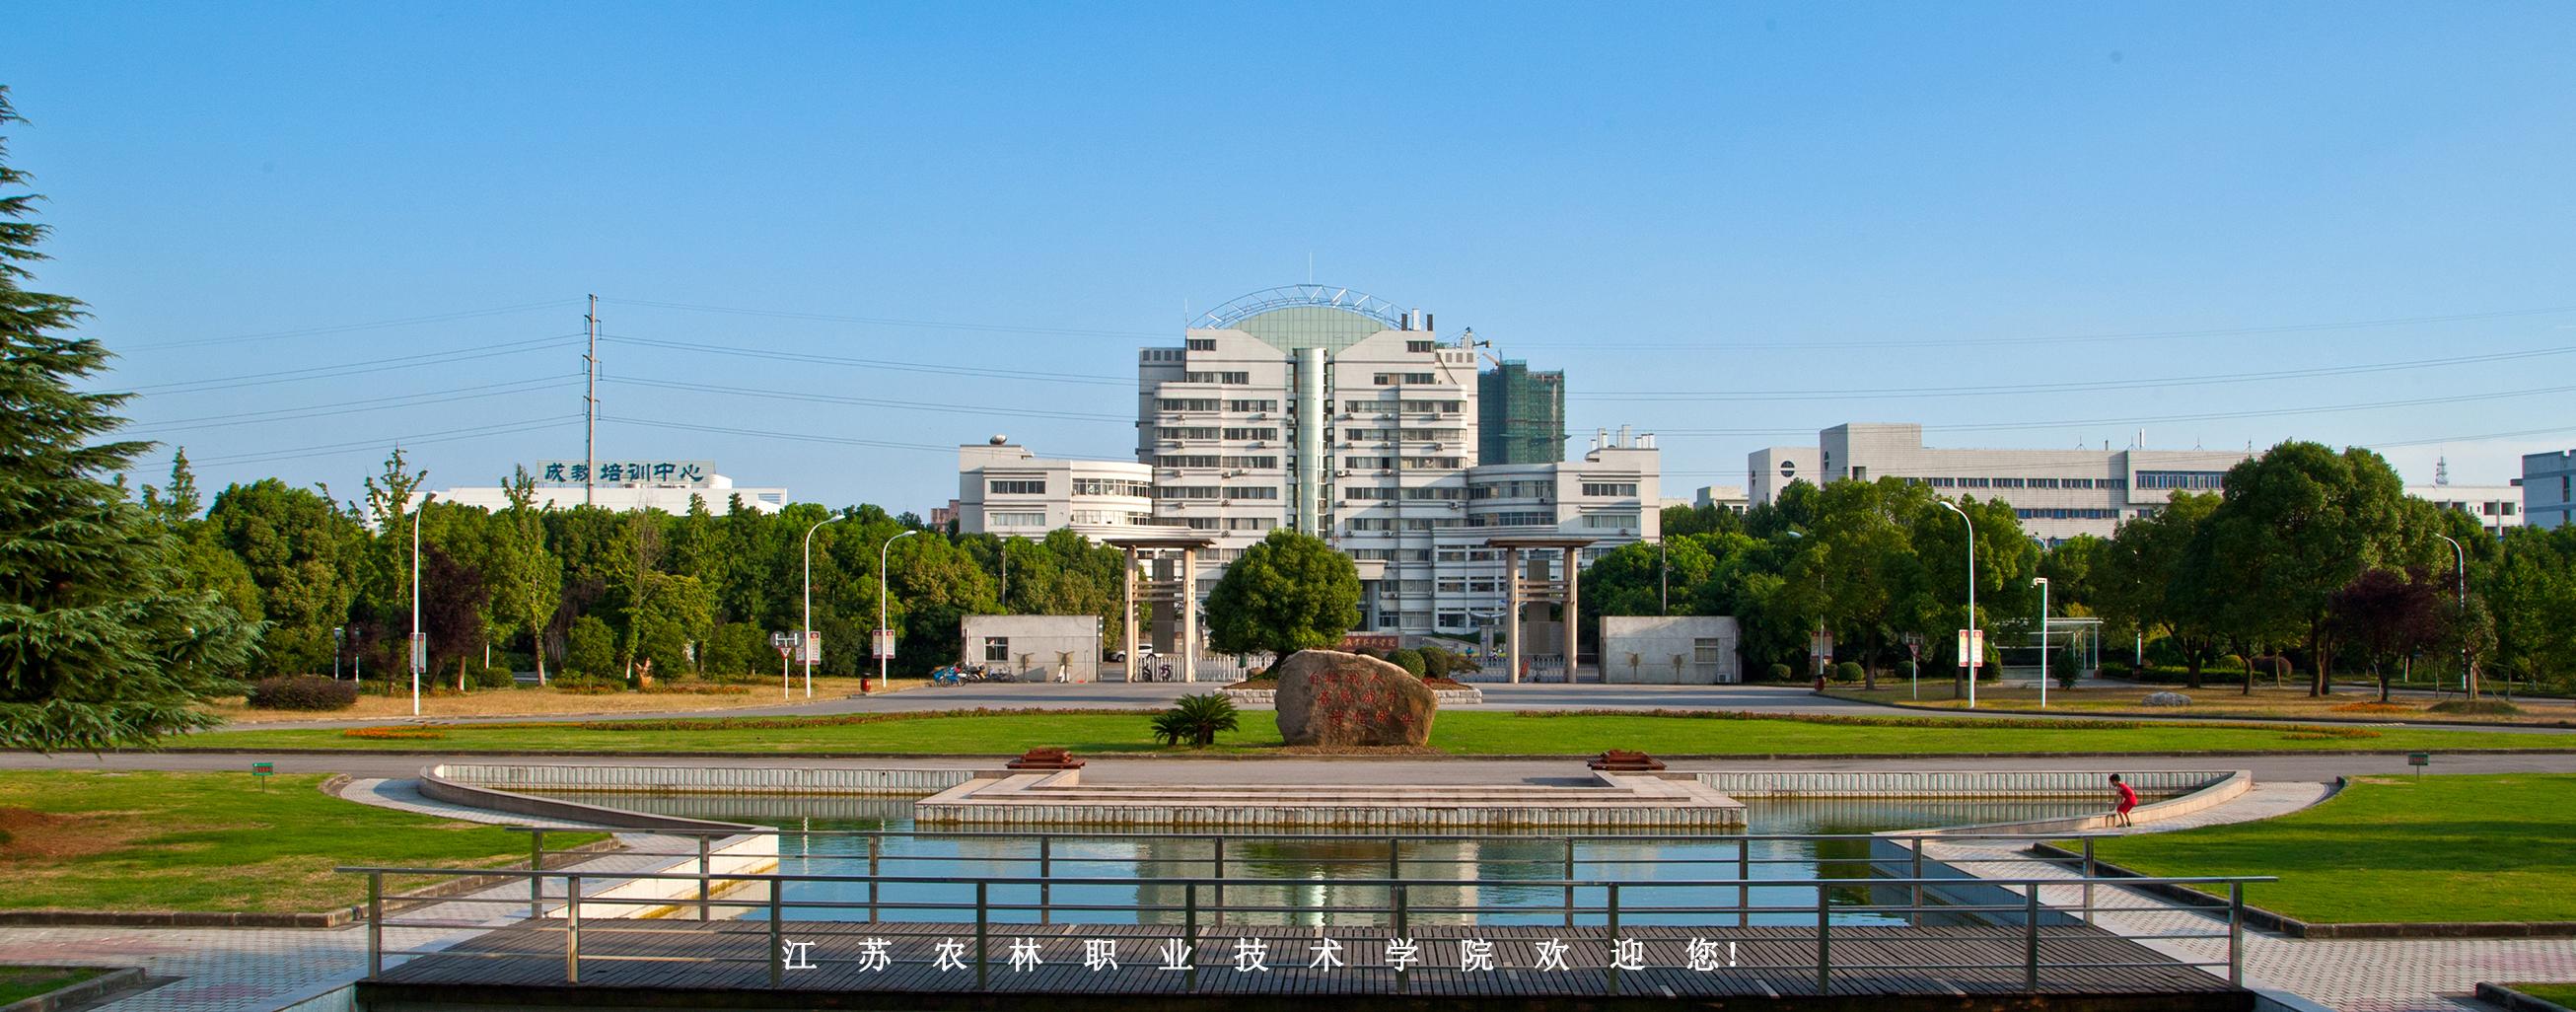 学yuan本部xiao园yi景